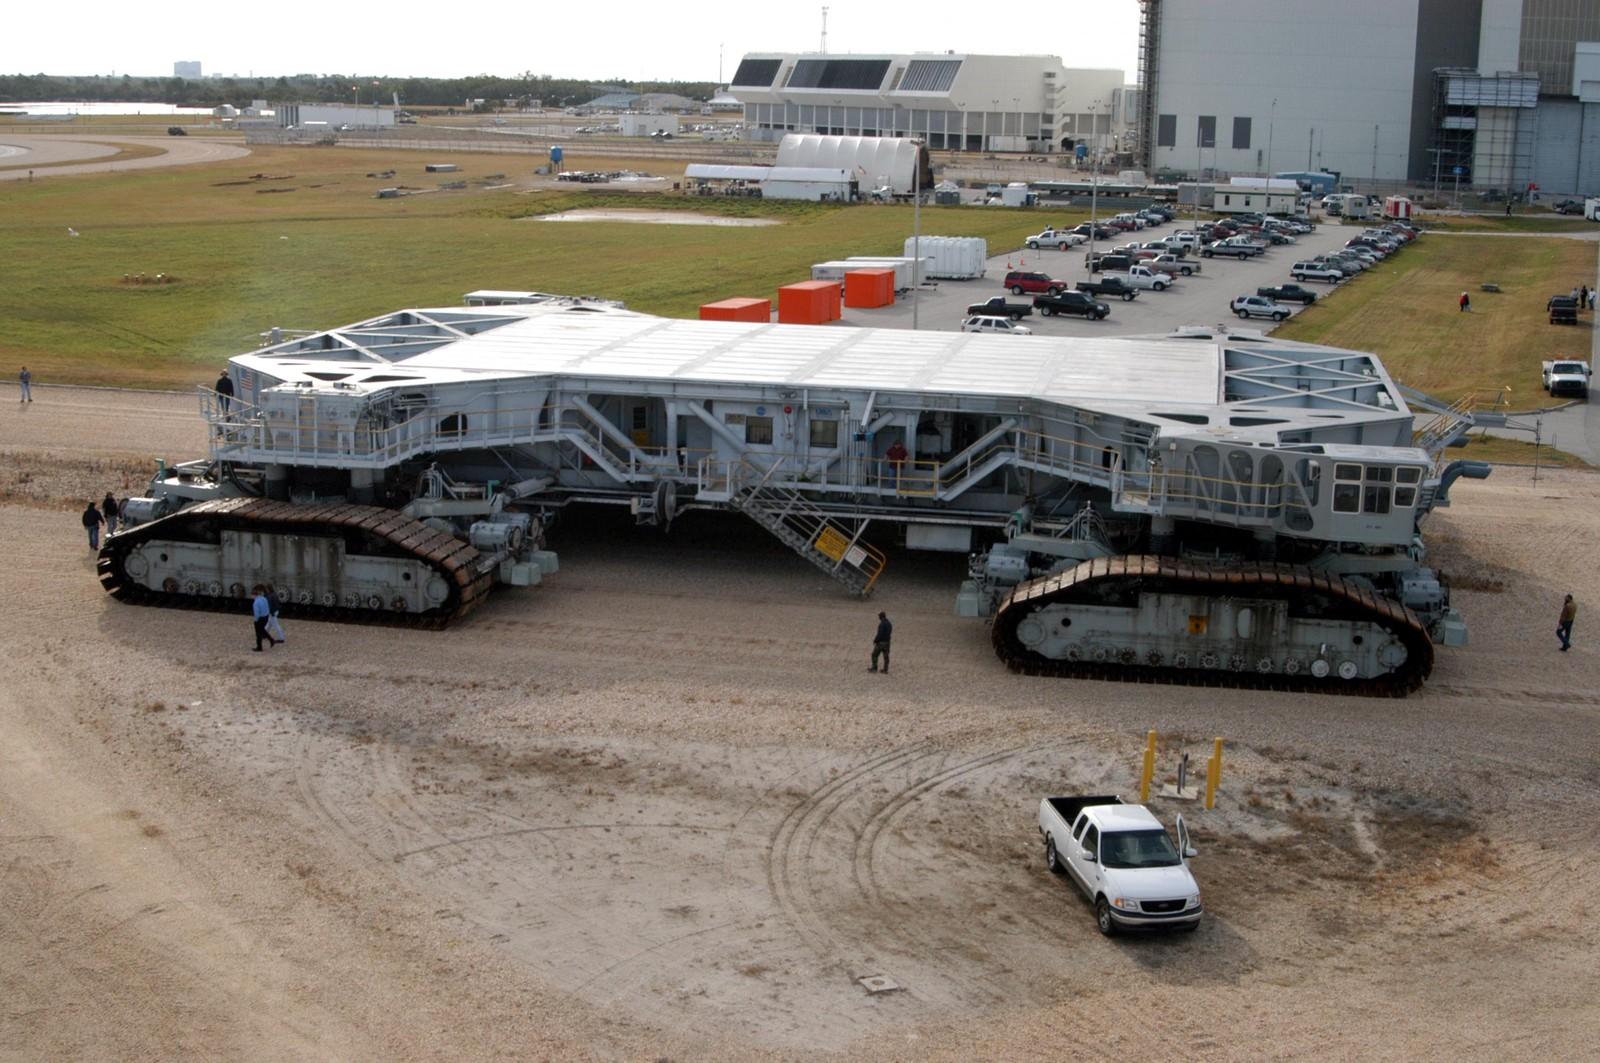 Surplex vermarktet gebrauchte Maschinen und Anlagen und hat sich auf die Suche gemacht: Das sind die die 11 größten Maschinen der Welt.